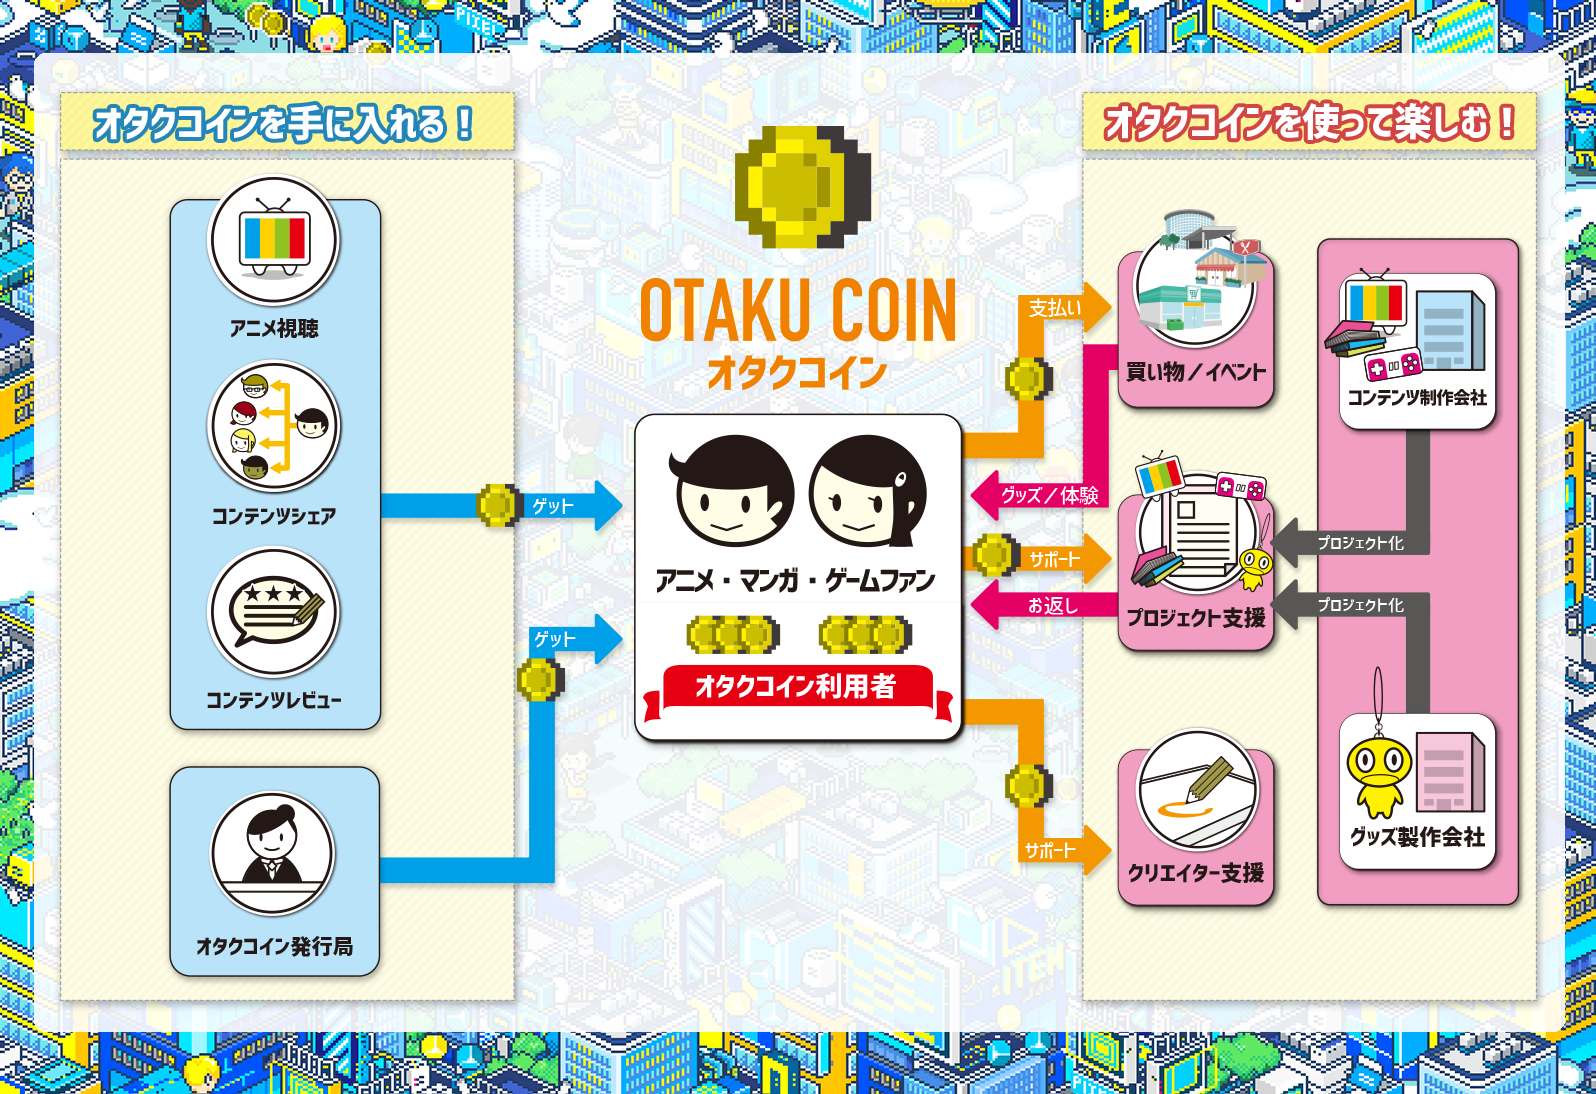 otakucoin_outline_psd_j2.png